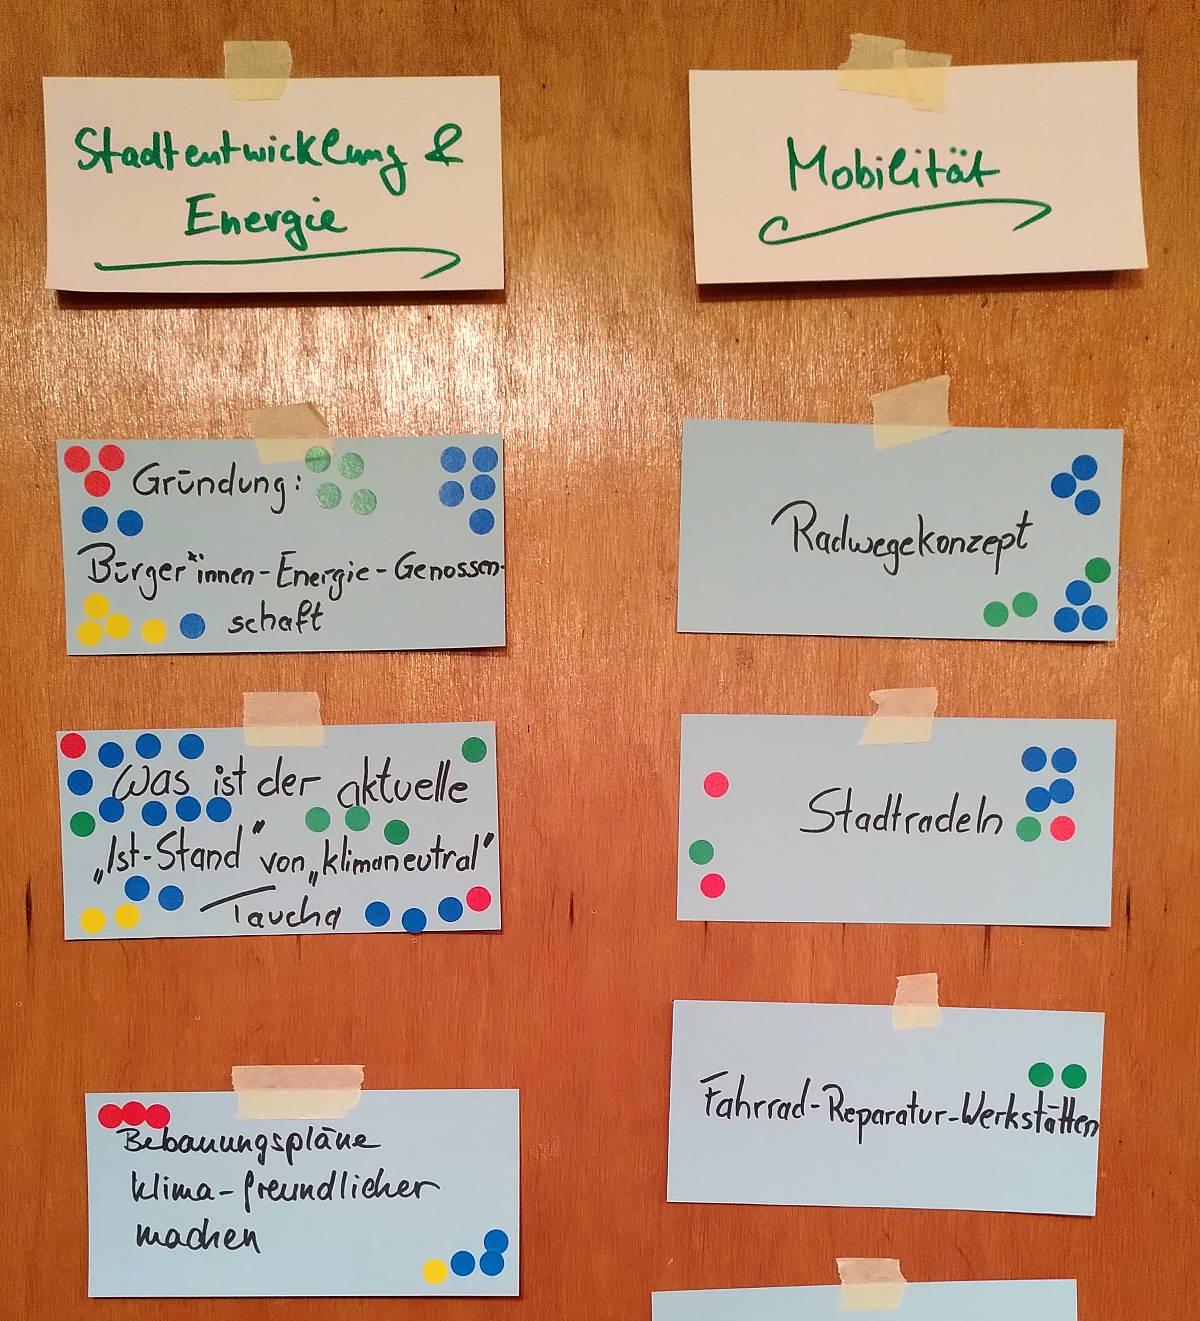 Projektauswahl beim Konferenz-Folge-Treffen